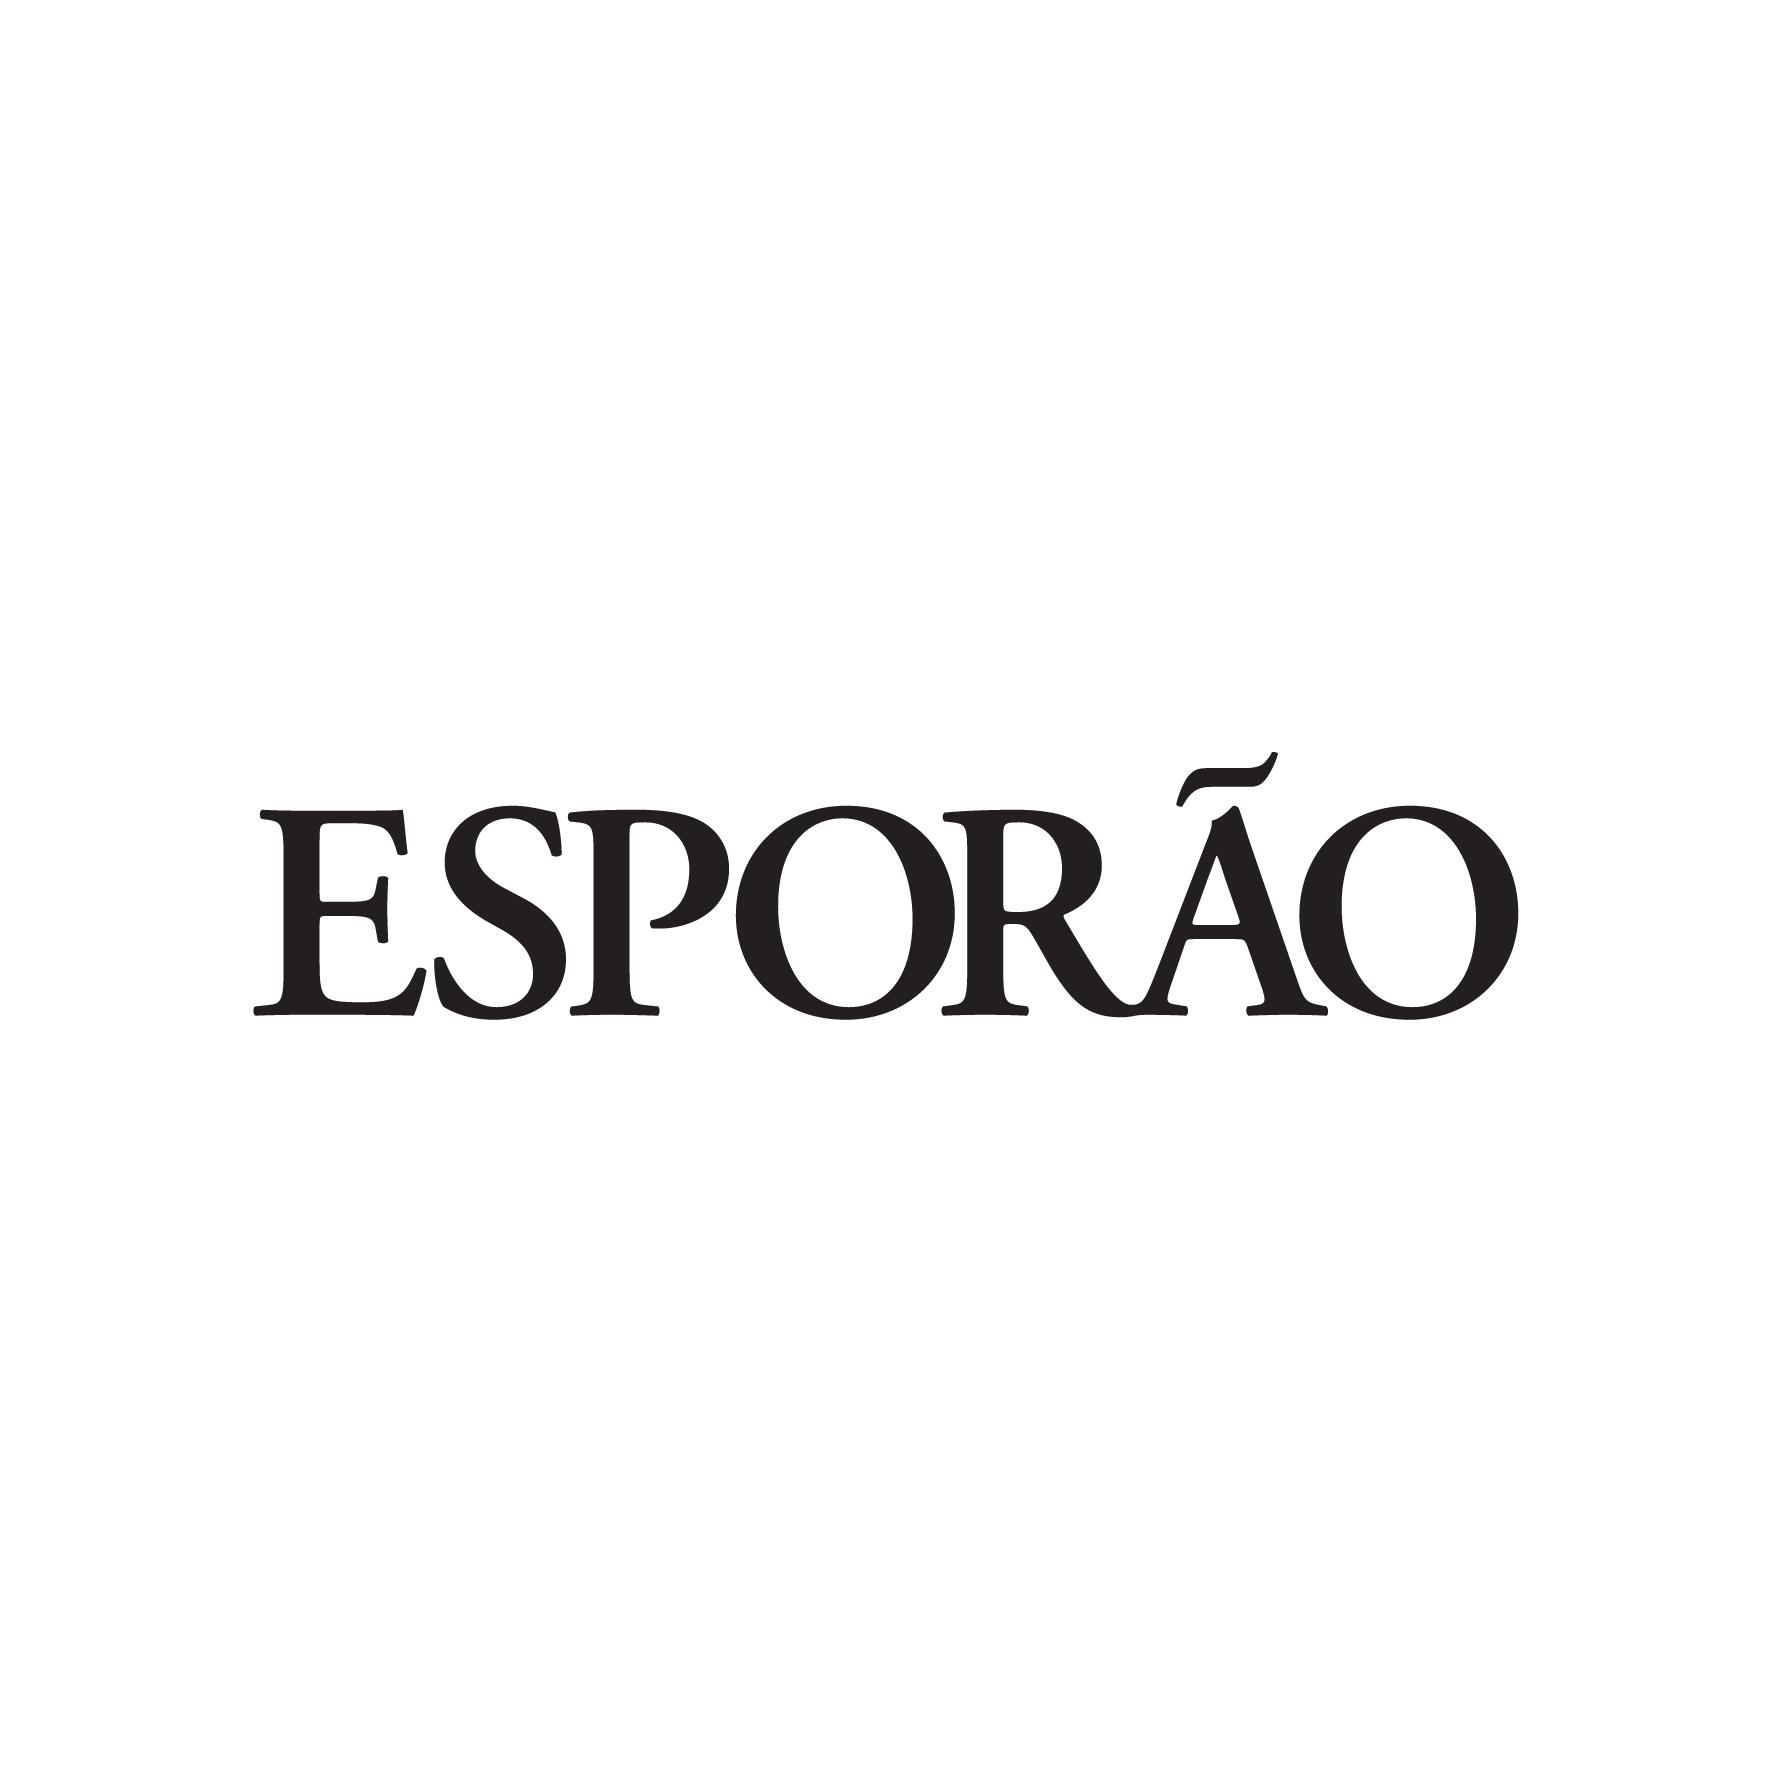 Esporao Pe Branco 2015